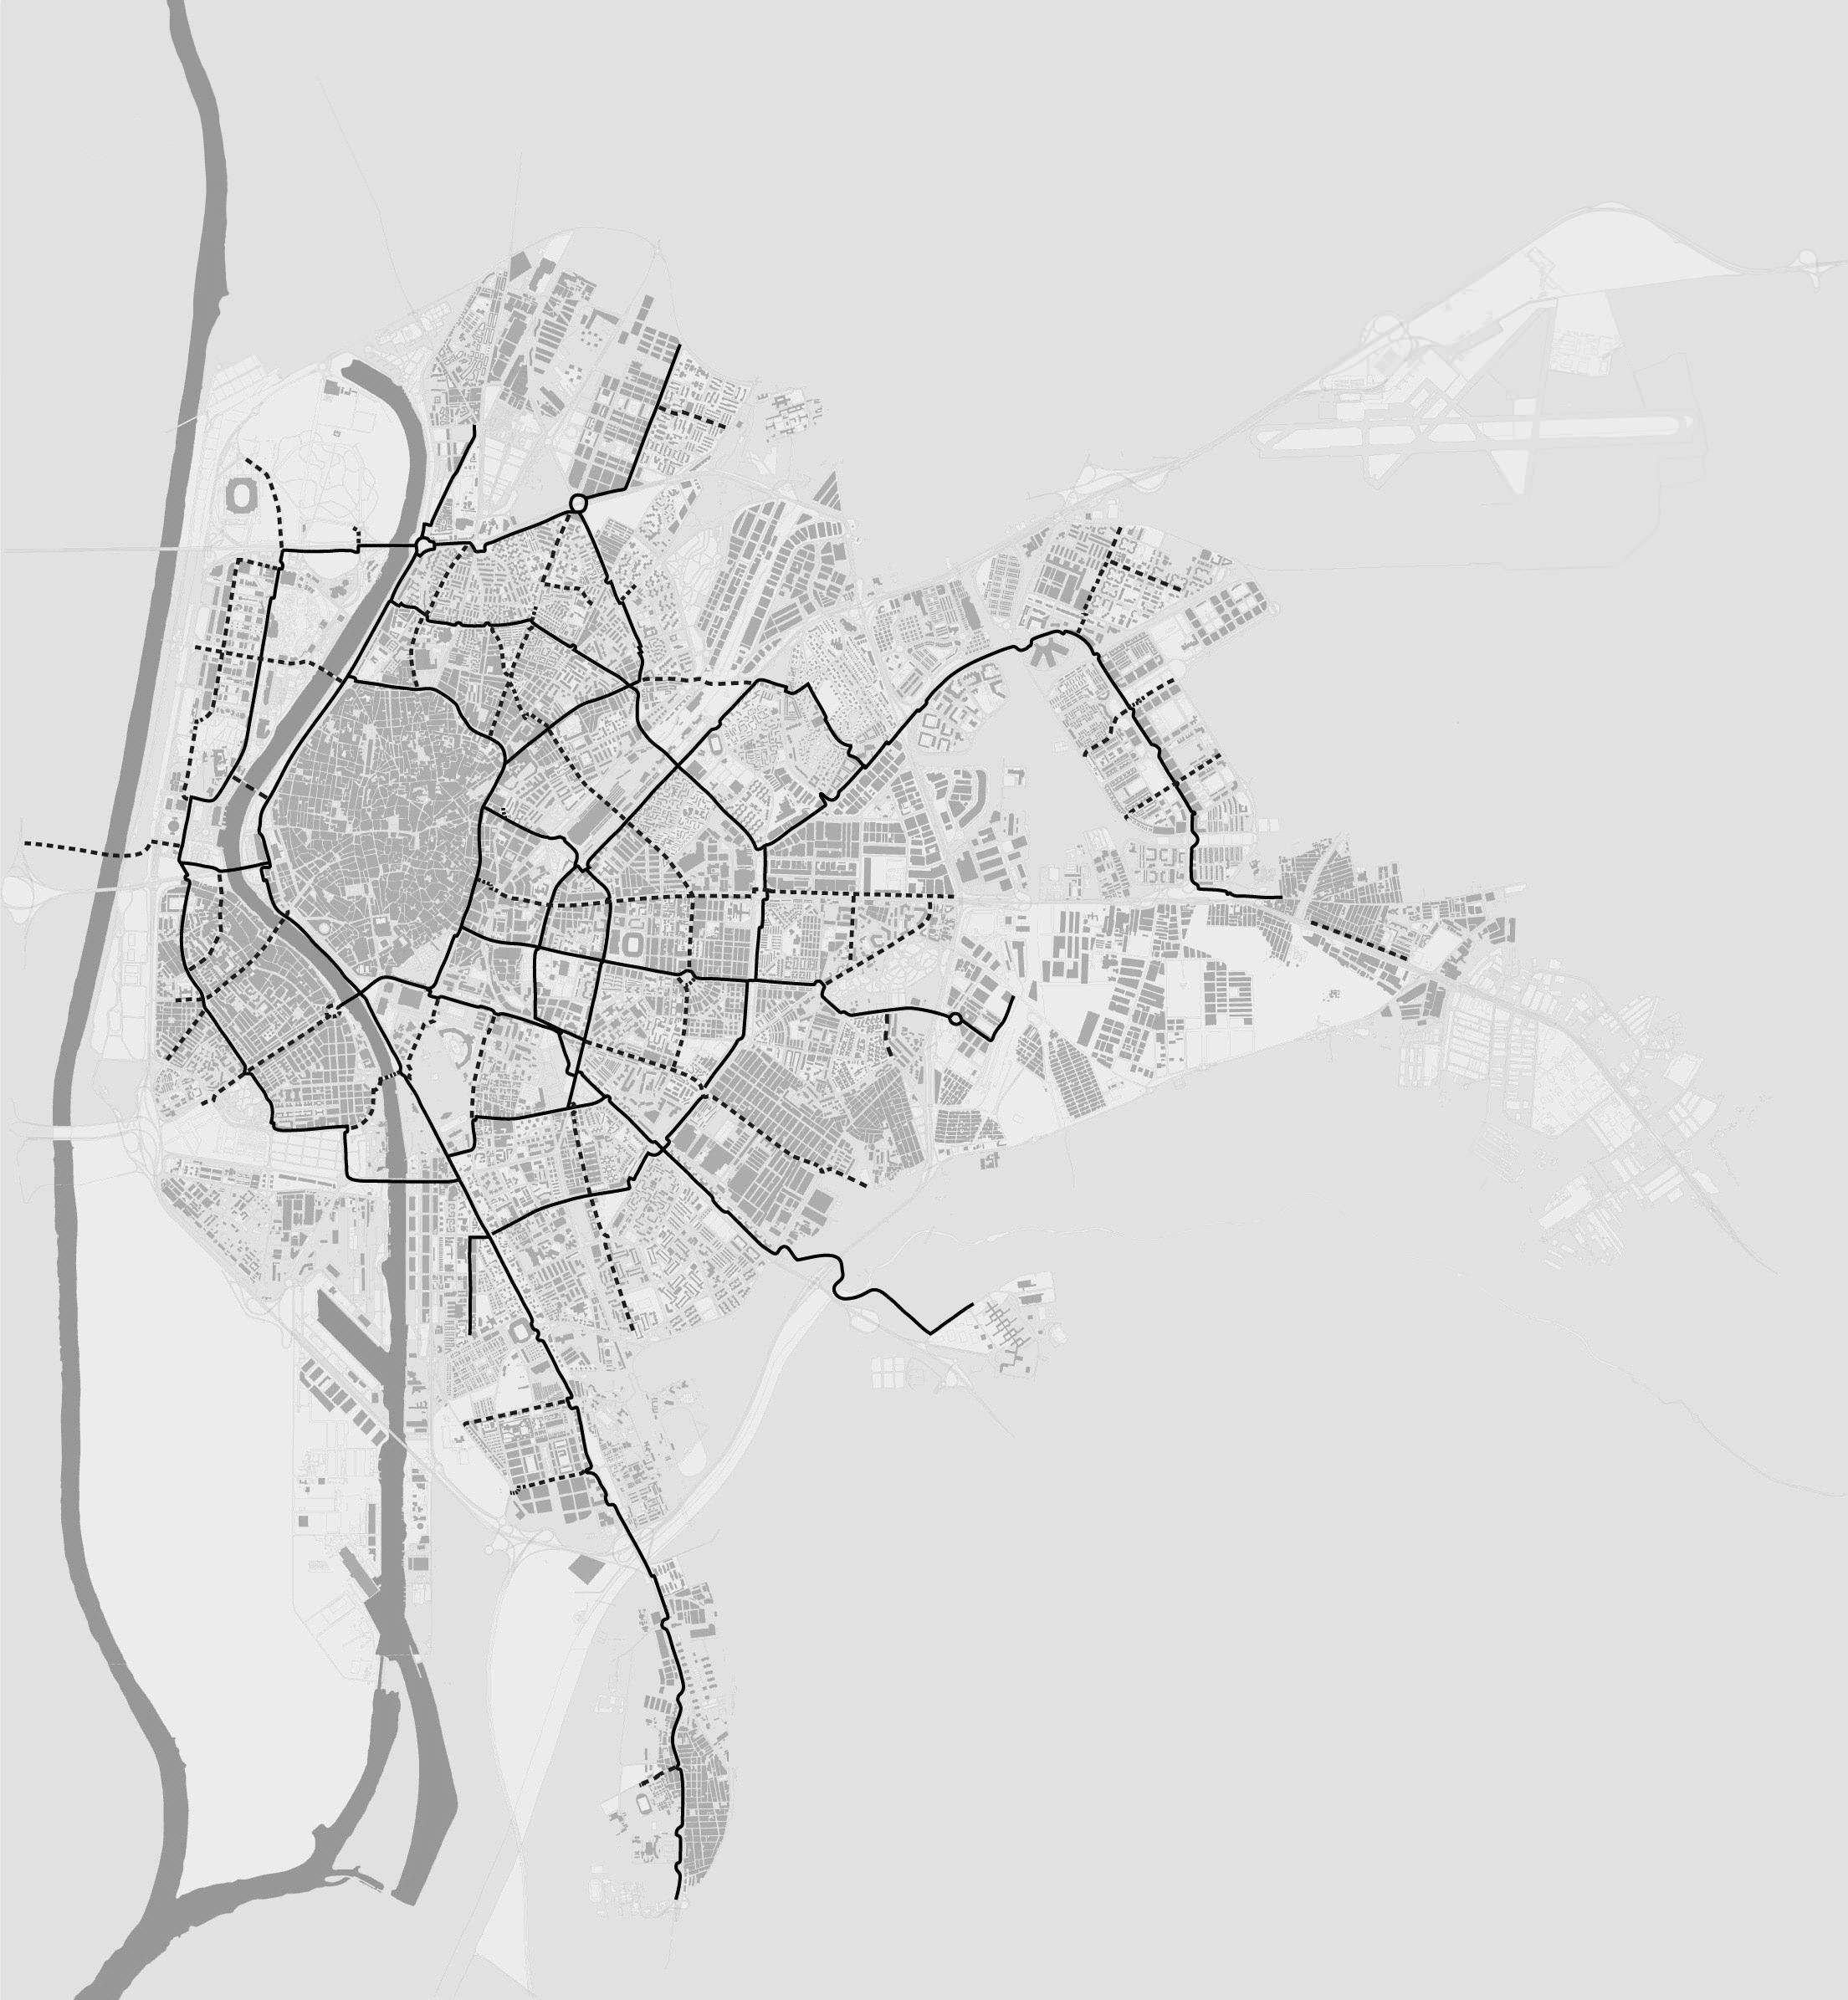 Radwegenetz Bauphasen Sevilla 2006 bis 2010